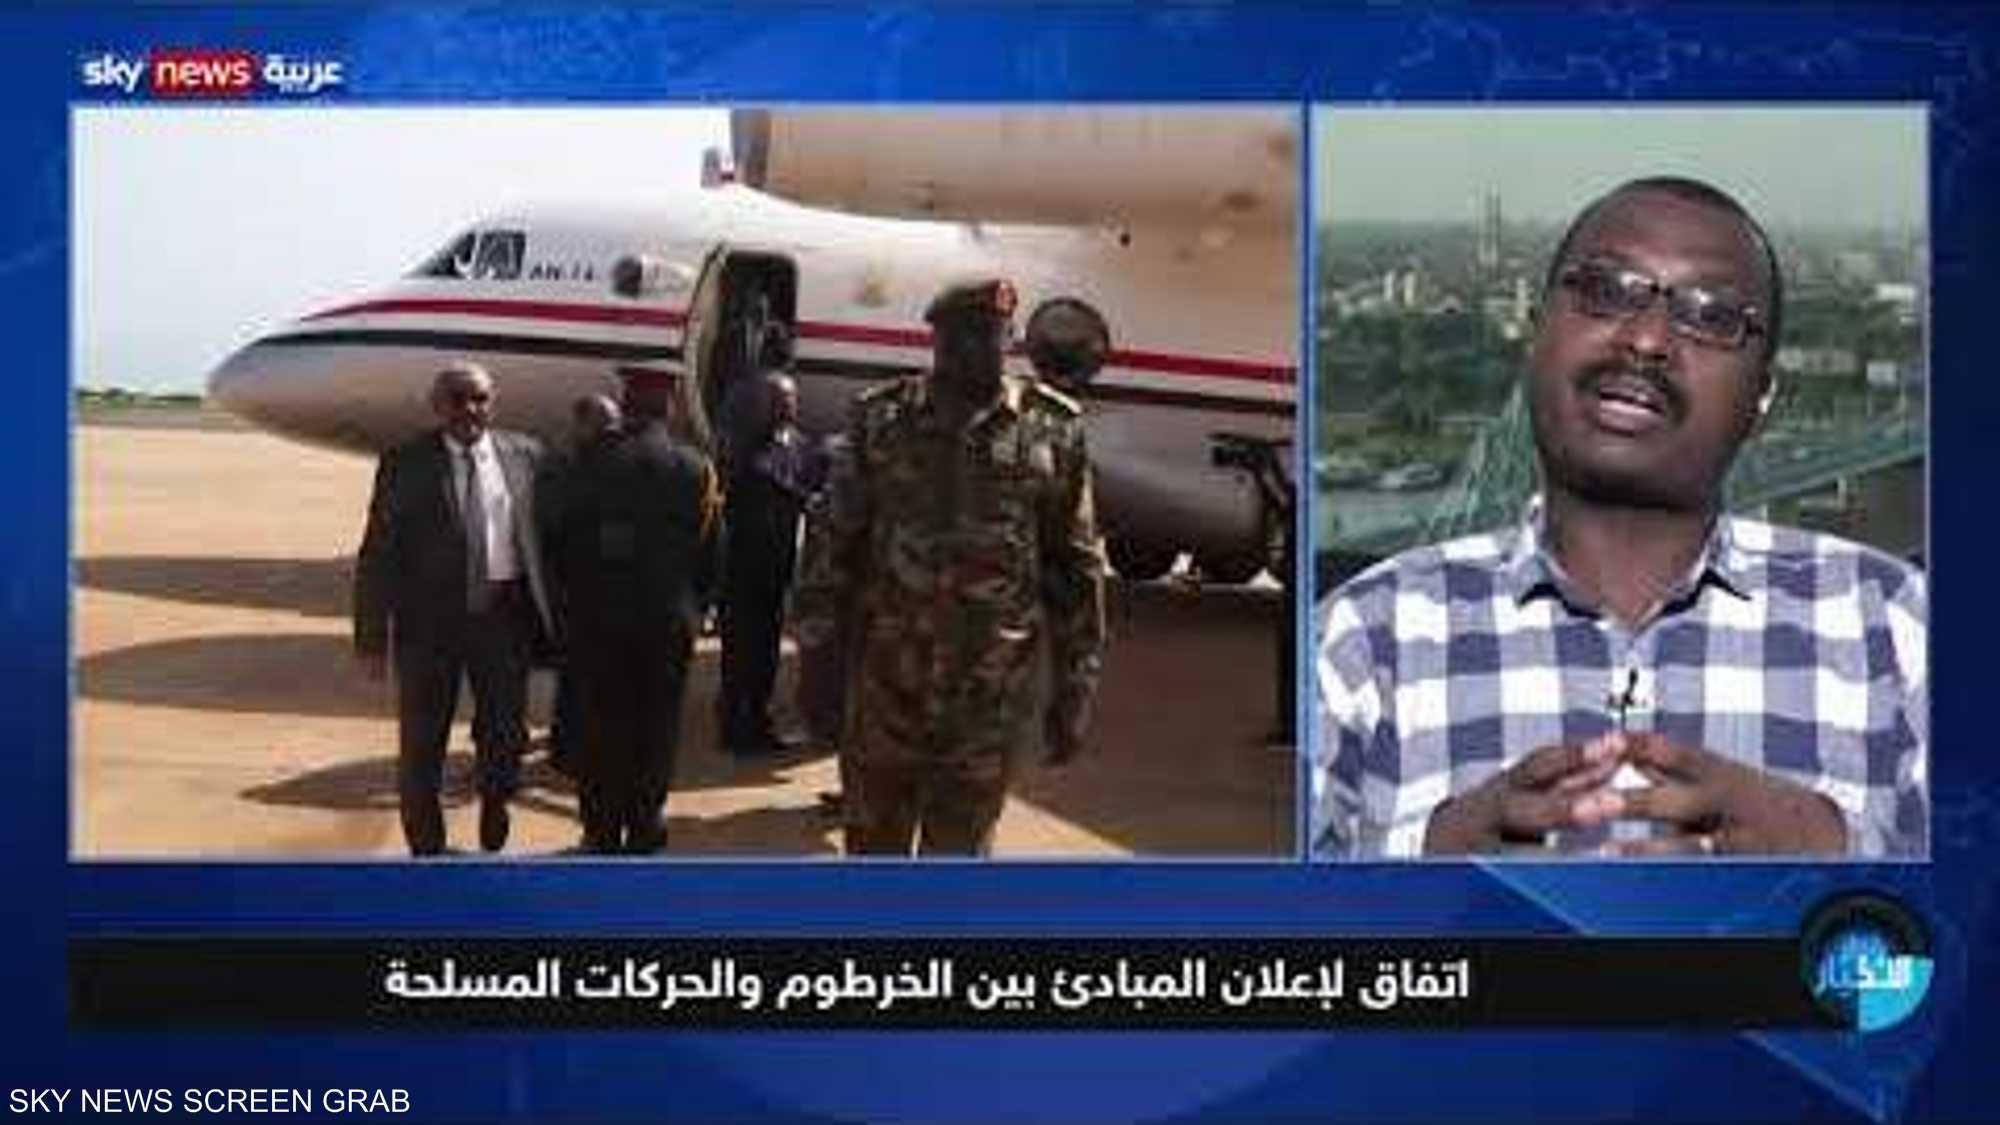 ترقب لانطلاق مباحثات السلام بين الخرطوم والجبهة الثورية